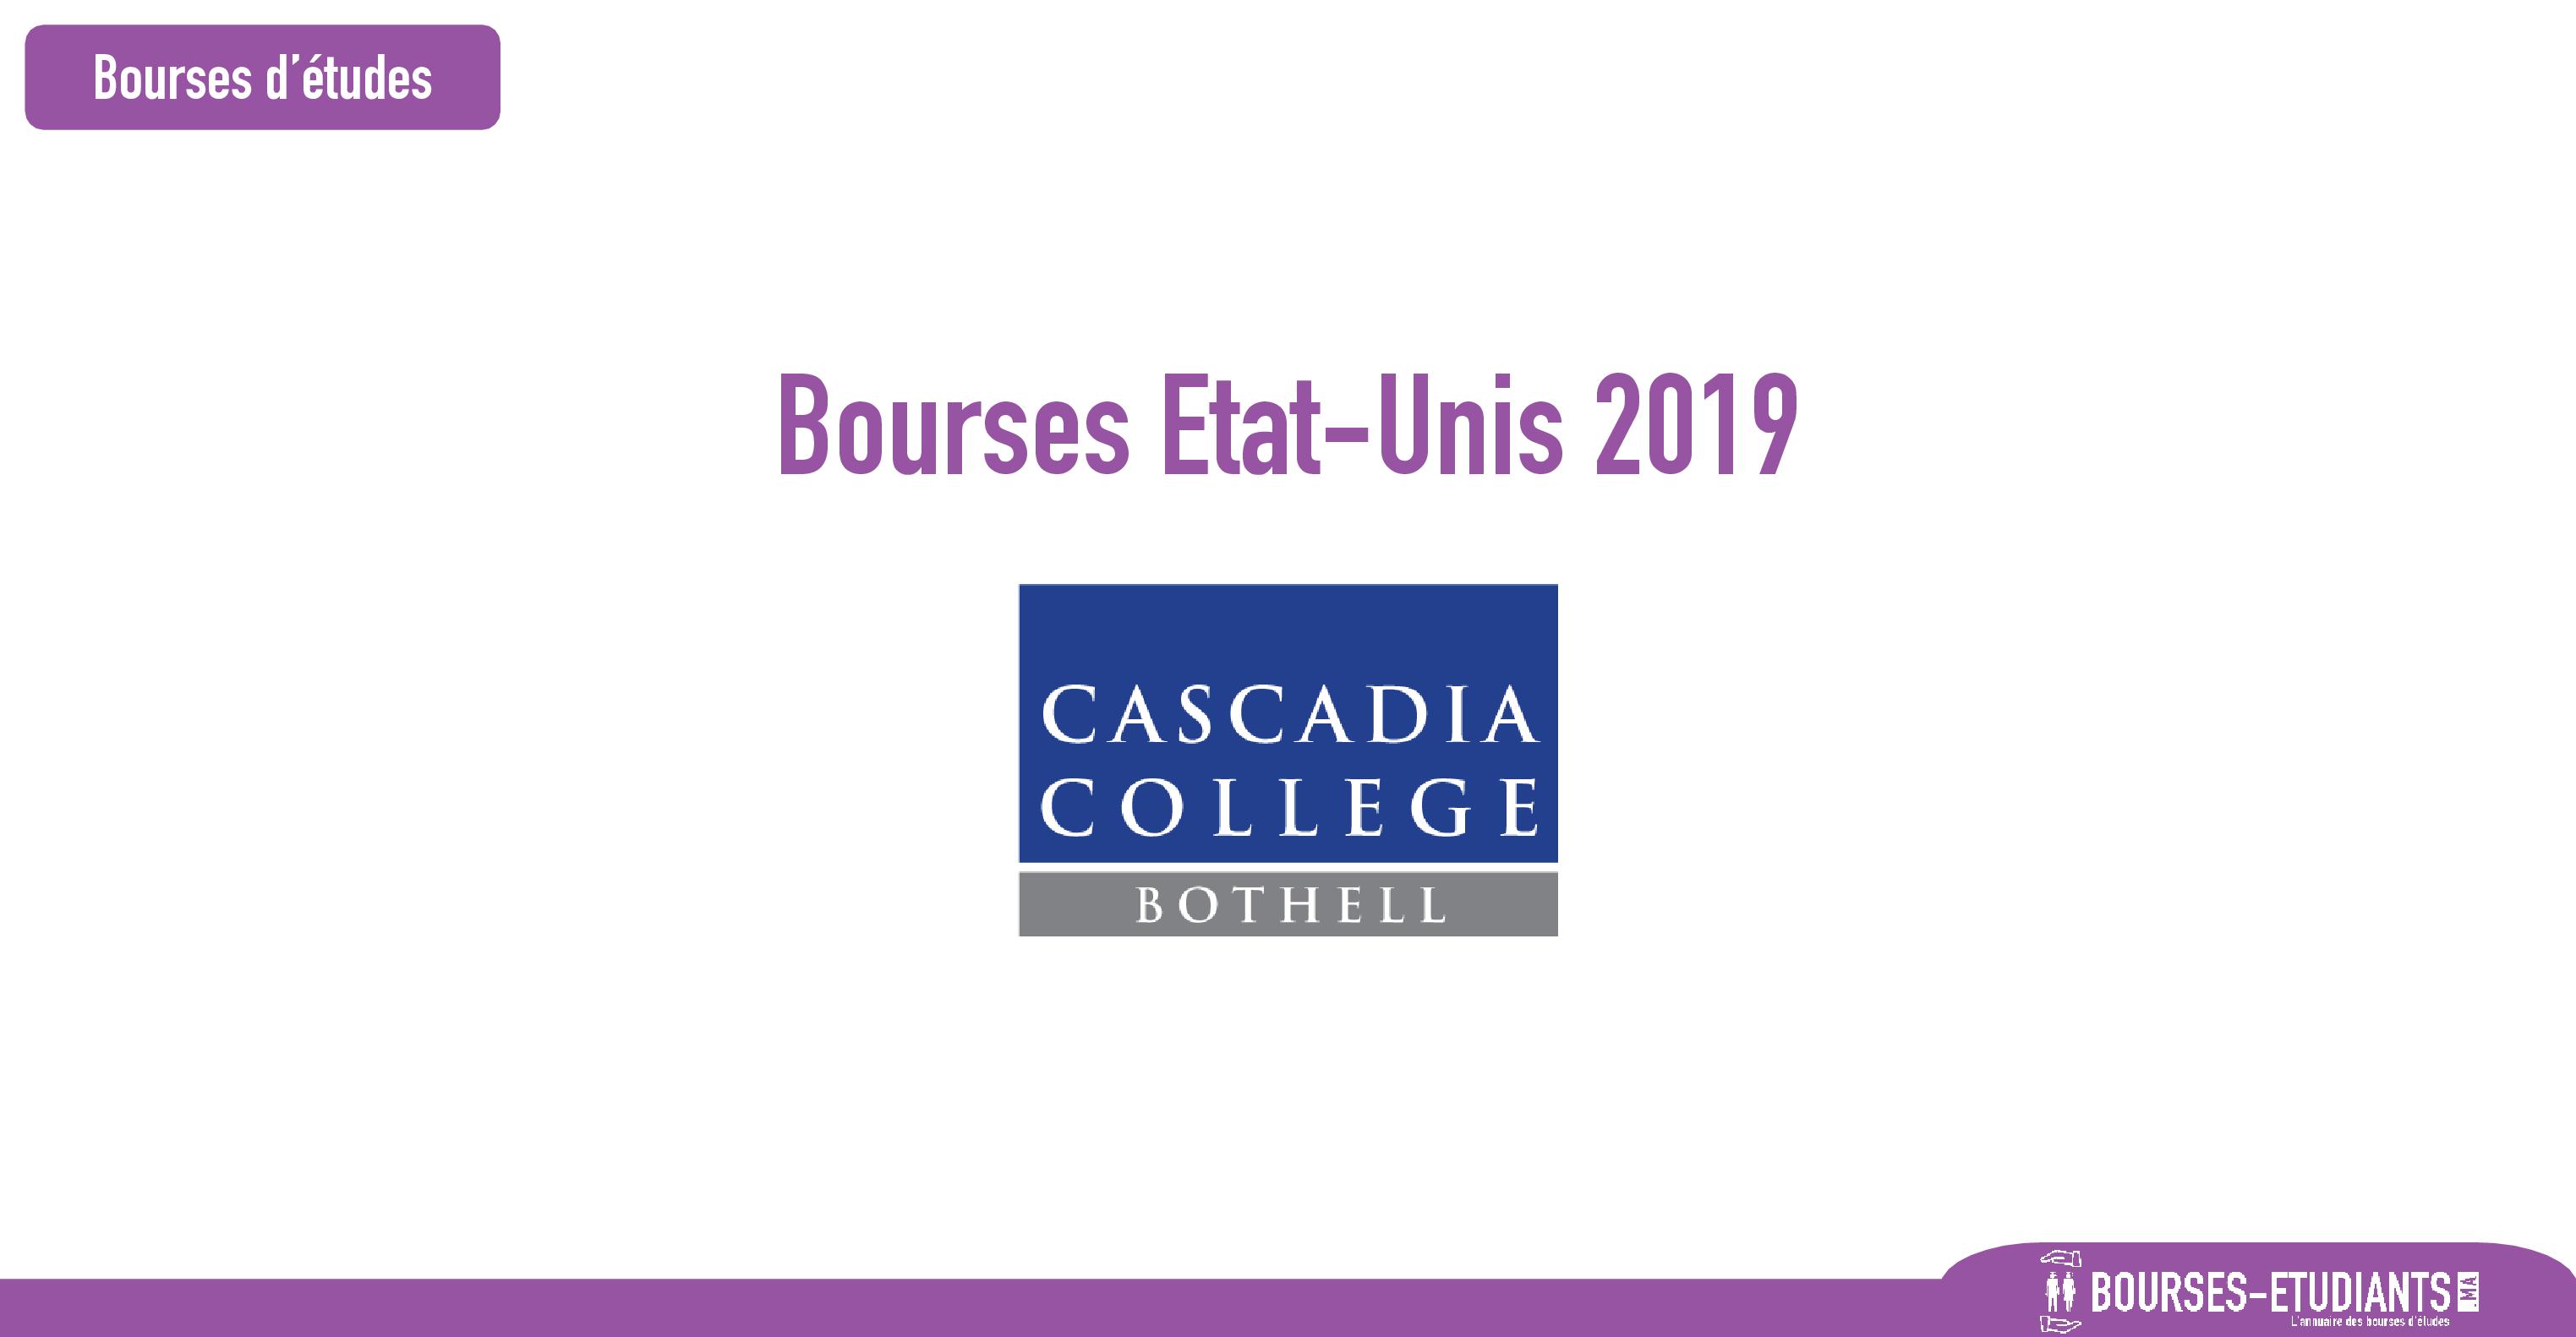 bourse Cascadia College